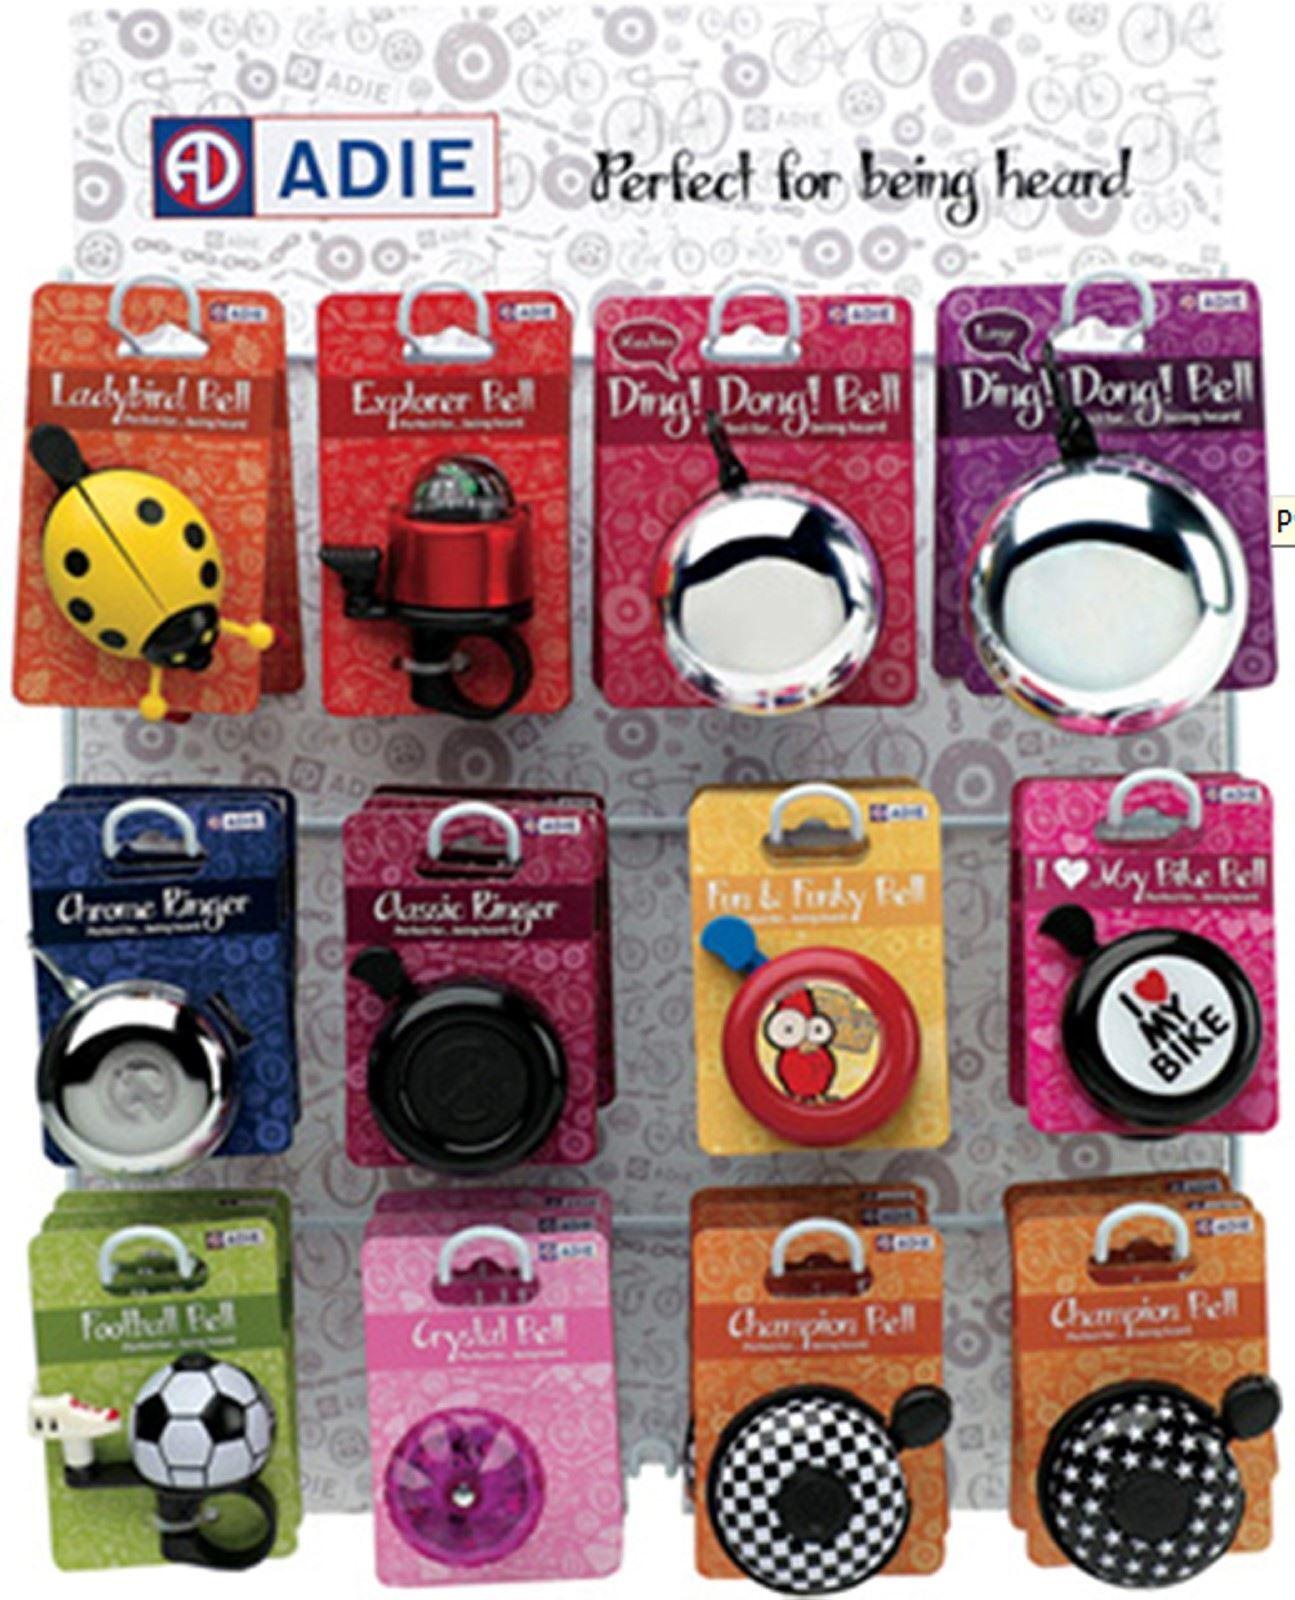 Adie Bell Dispenser (Includes 24 Bells)Kids Bike Bells Display 50mm x 350mm